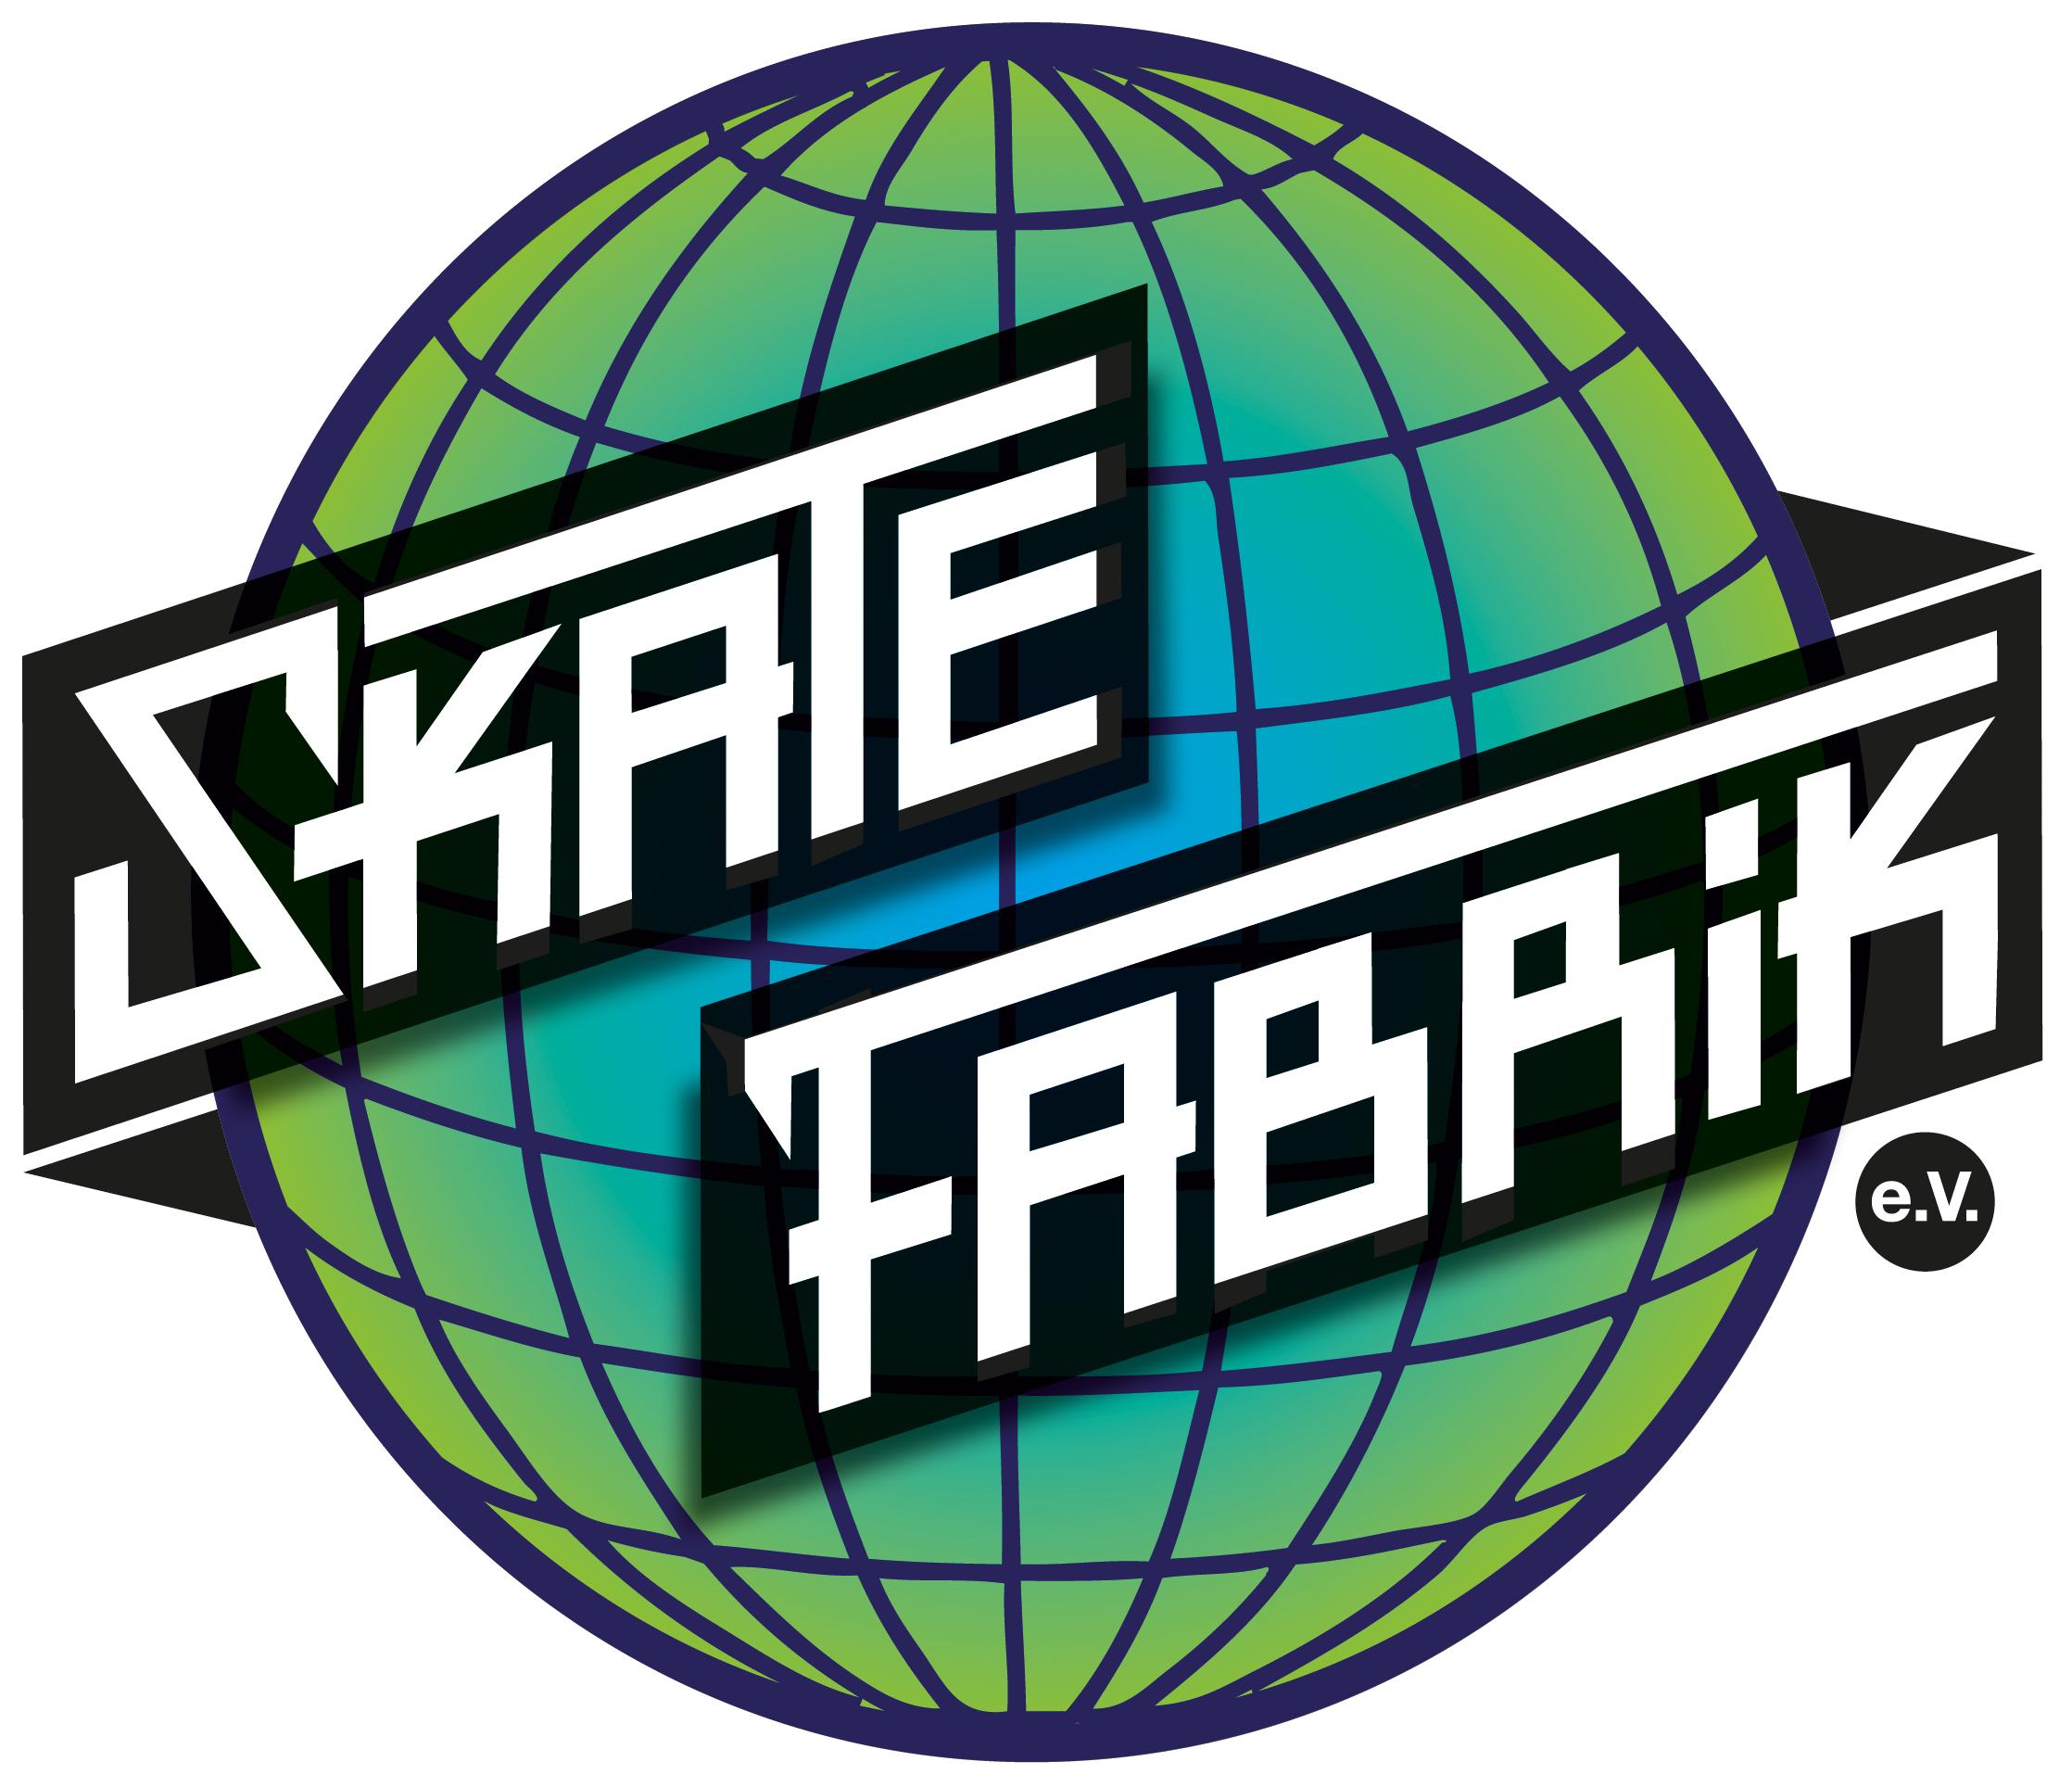 SkateFabrik